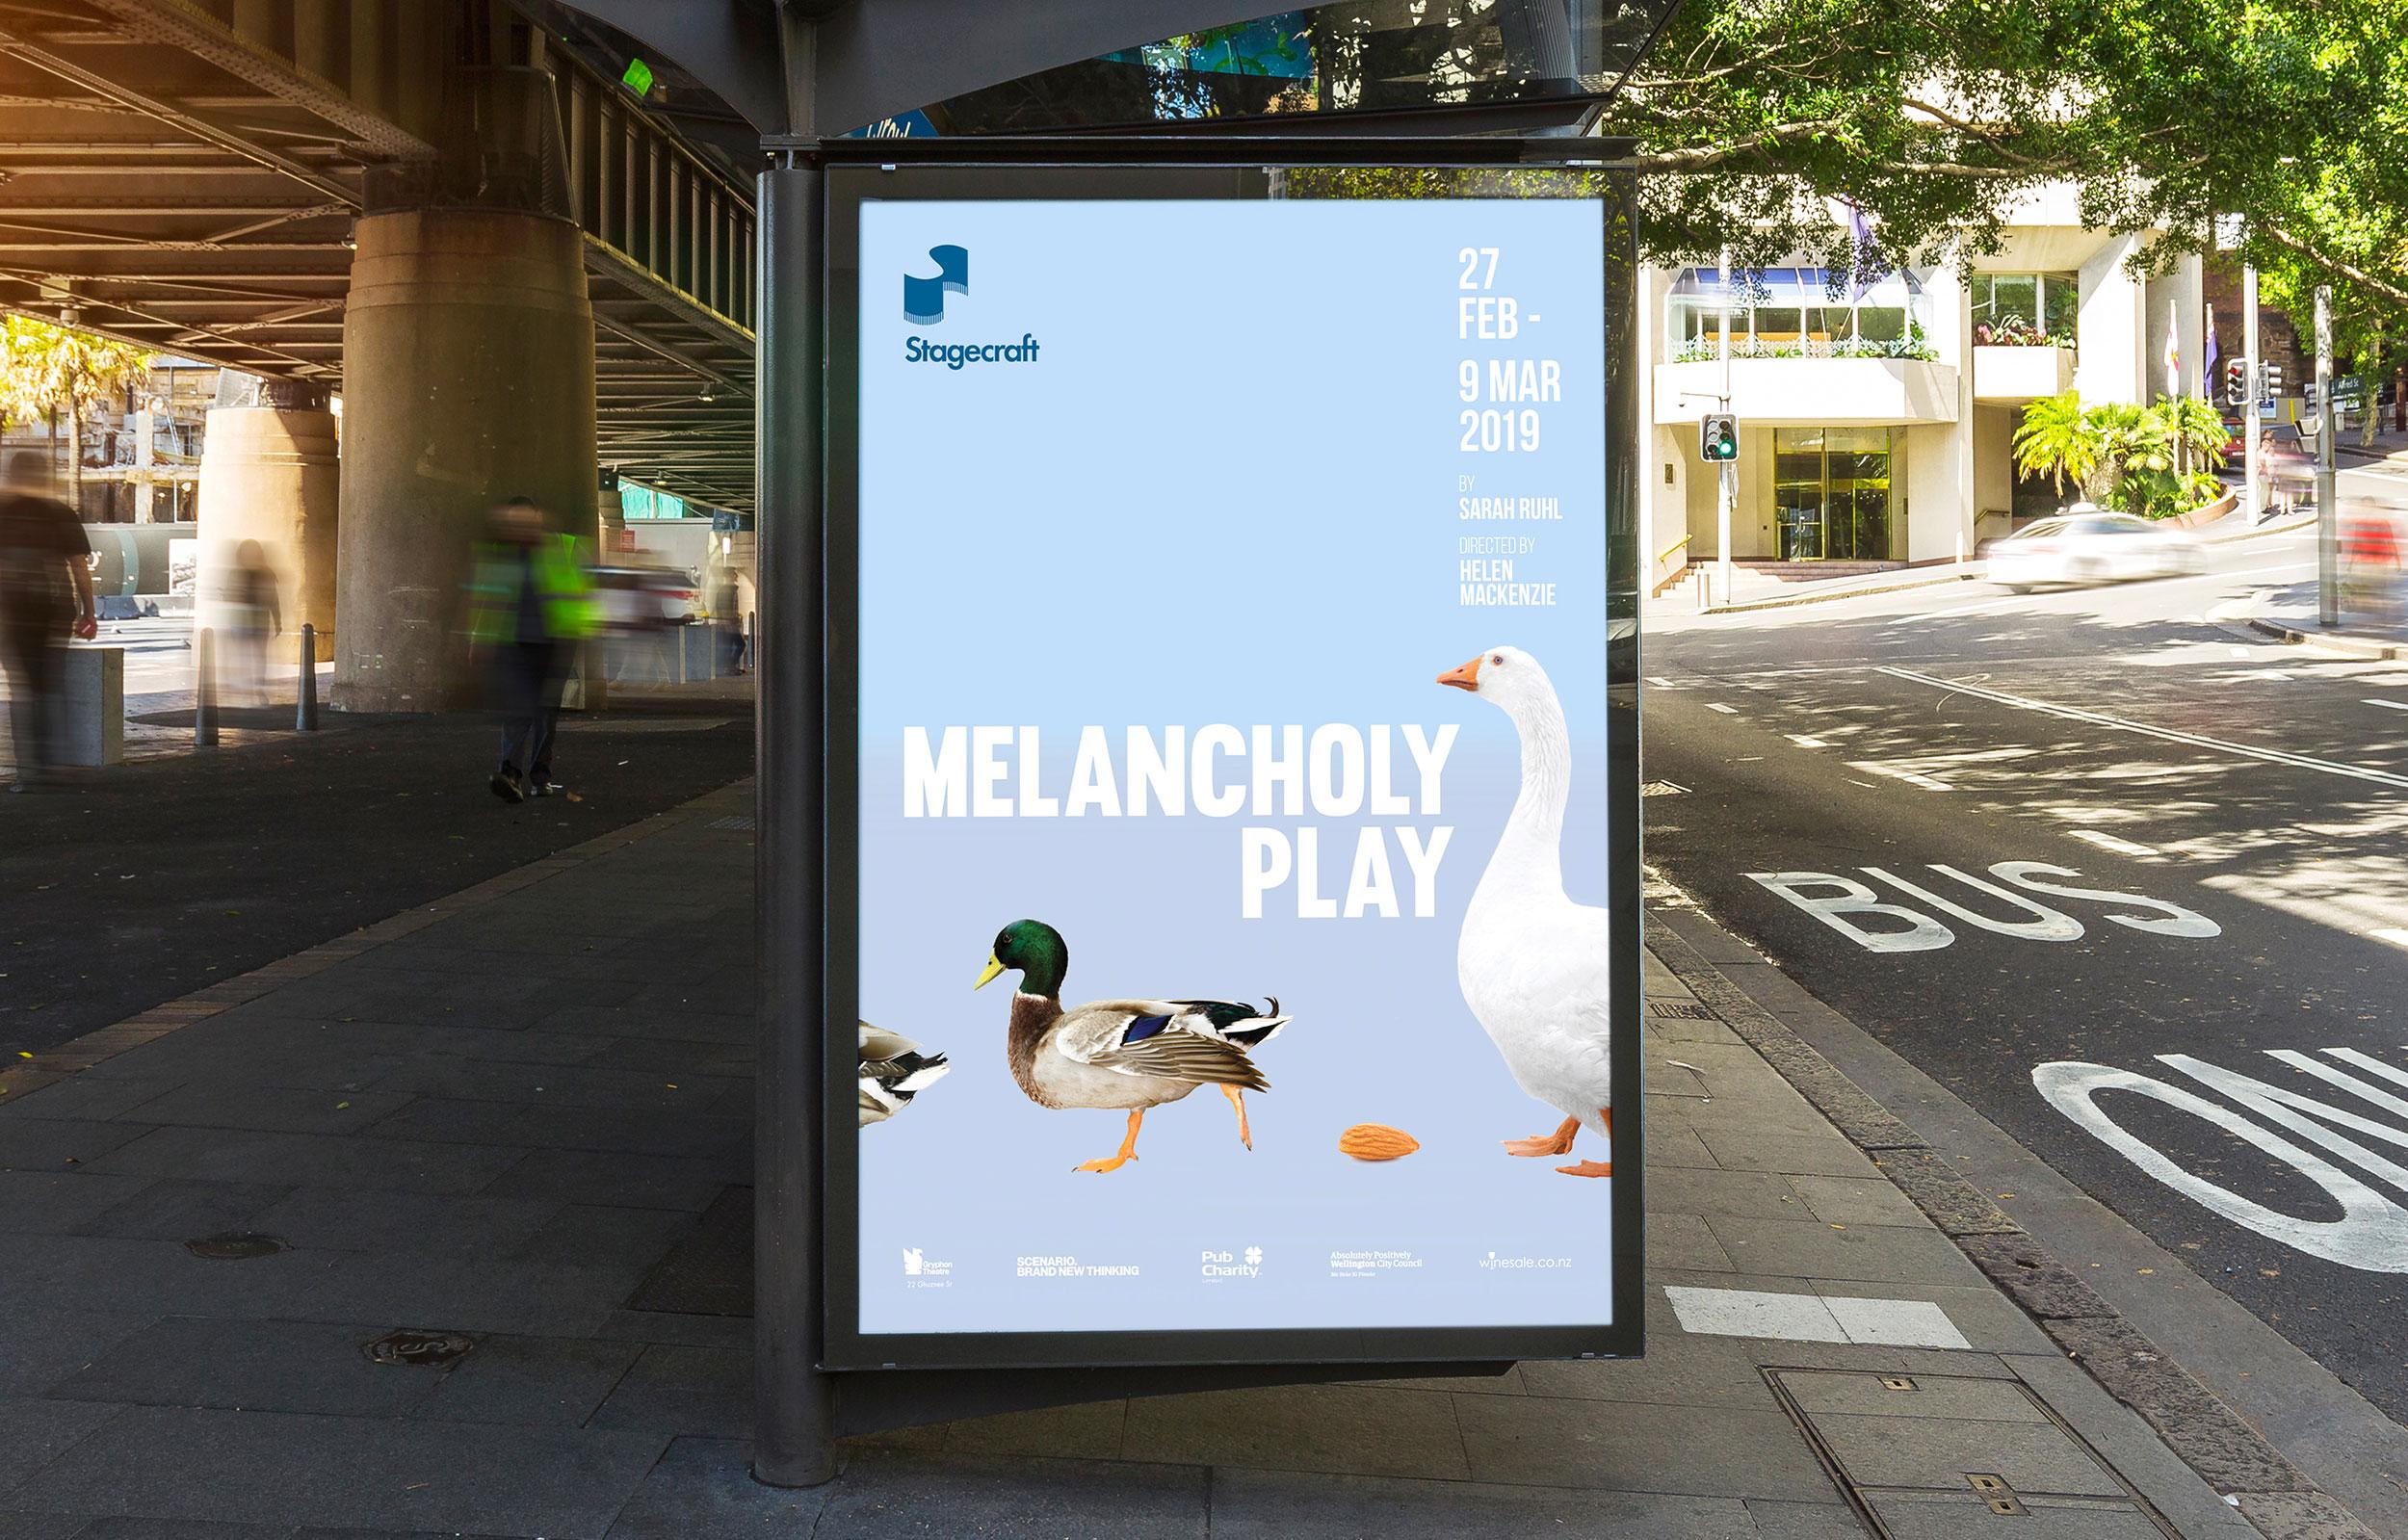 Outdoor-Bus-Stop-Advertisement-Vertical-Billboard-Poster-Mockup-PSD-2018.jpg